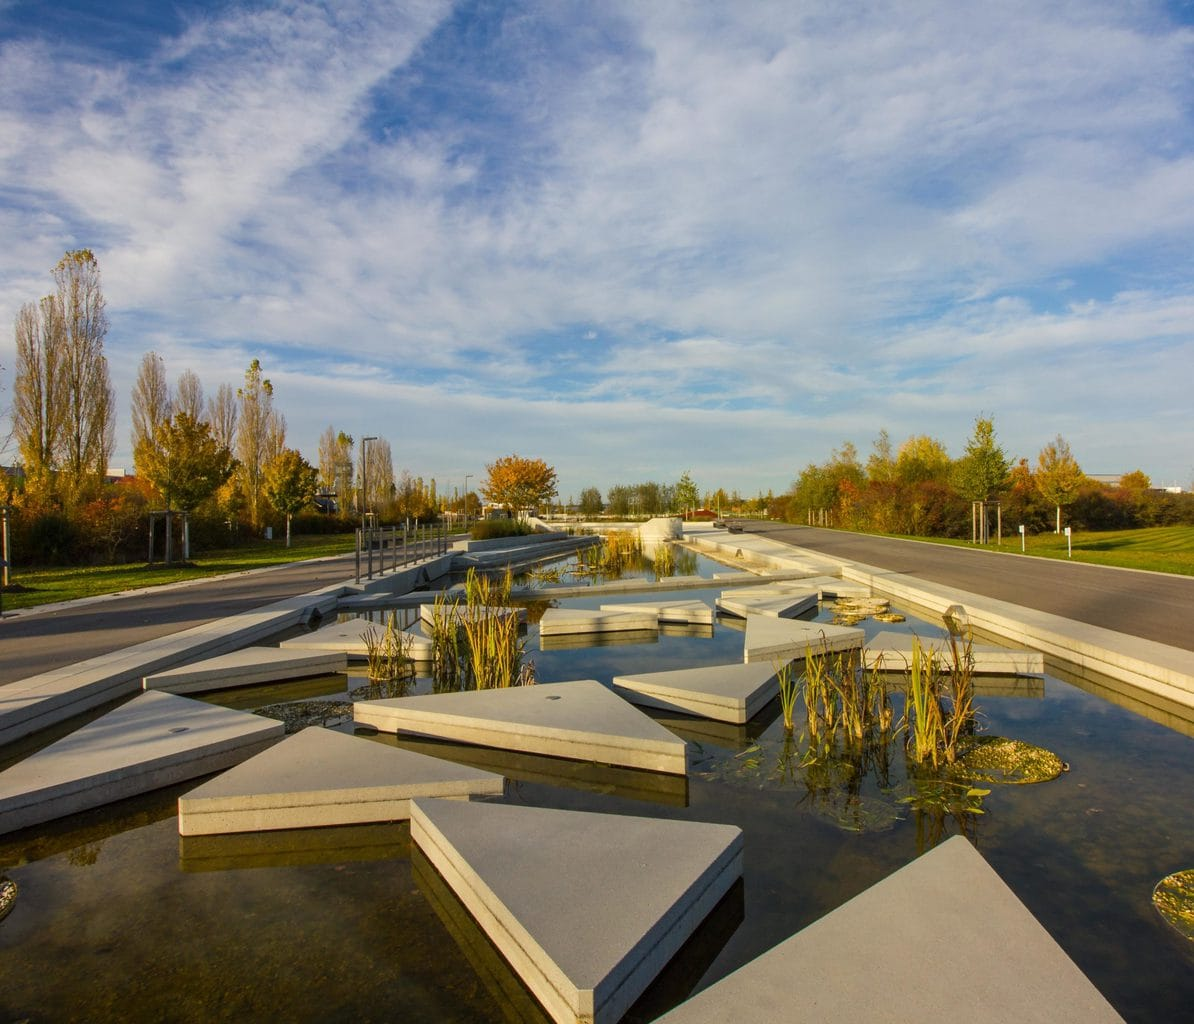 Watertuinen in de tuinwereld van Ingolstadt in Beieren